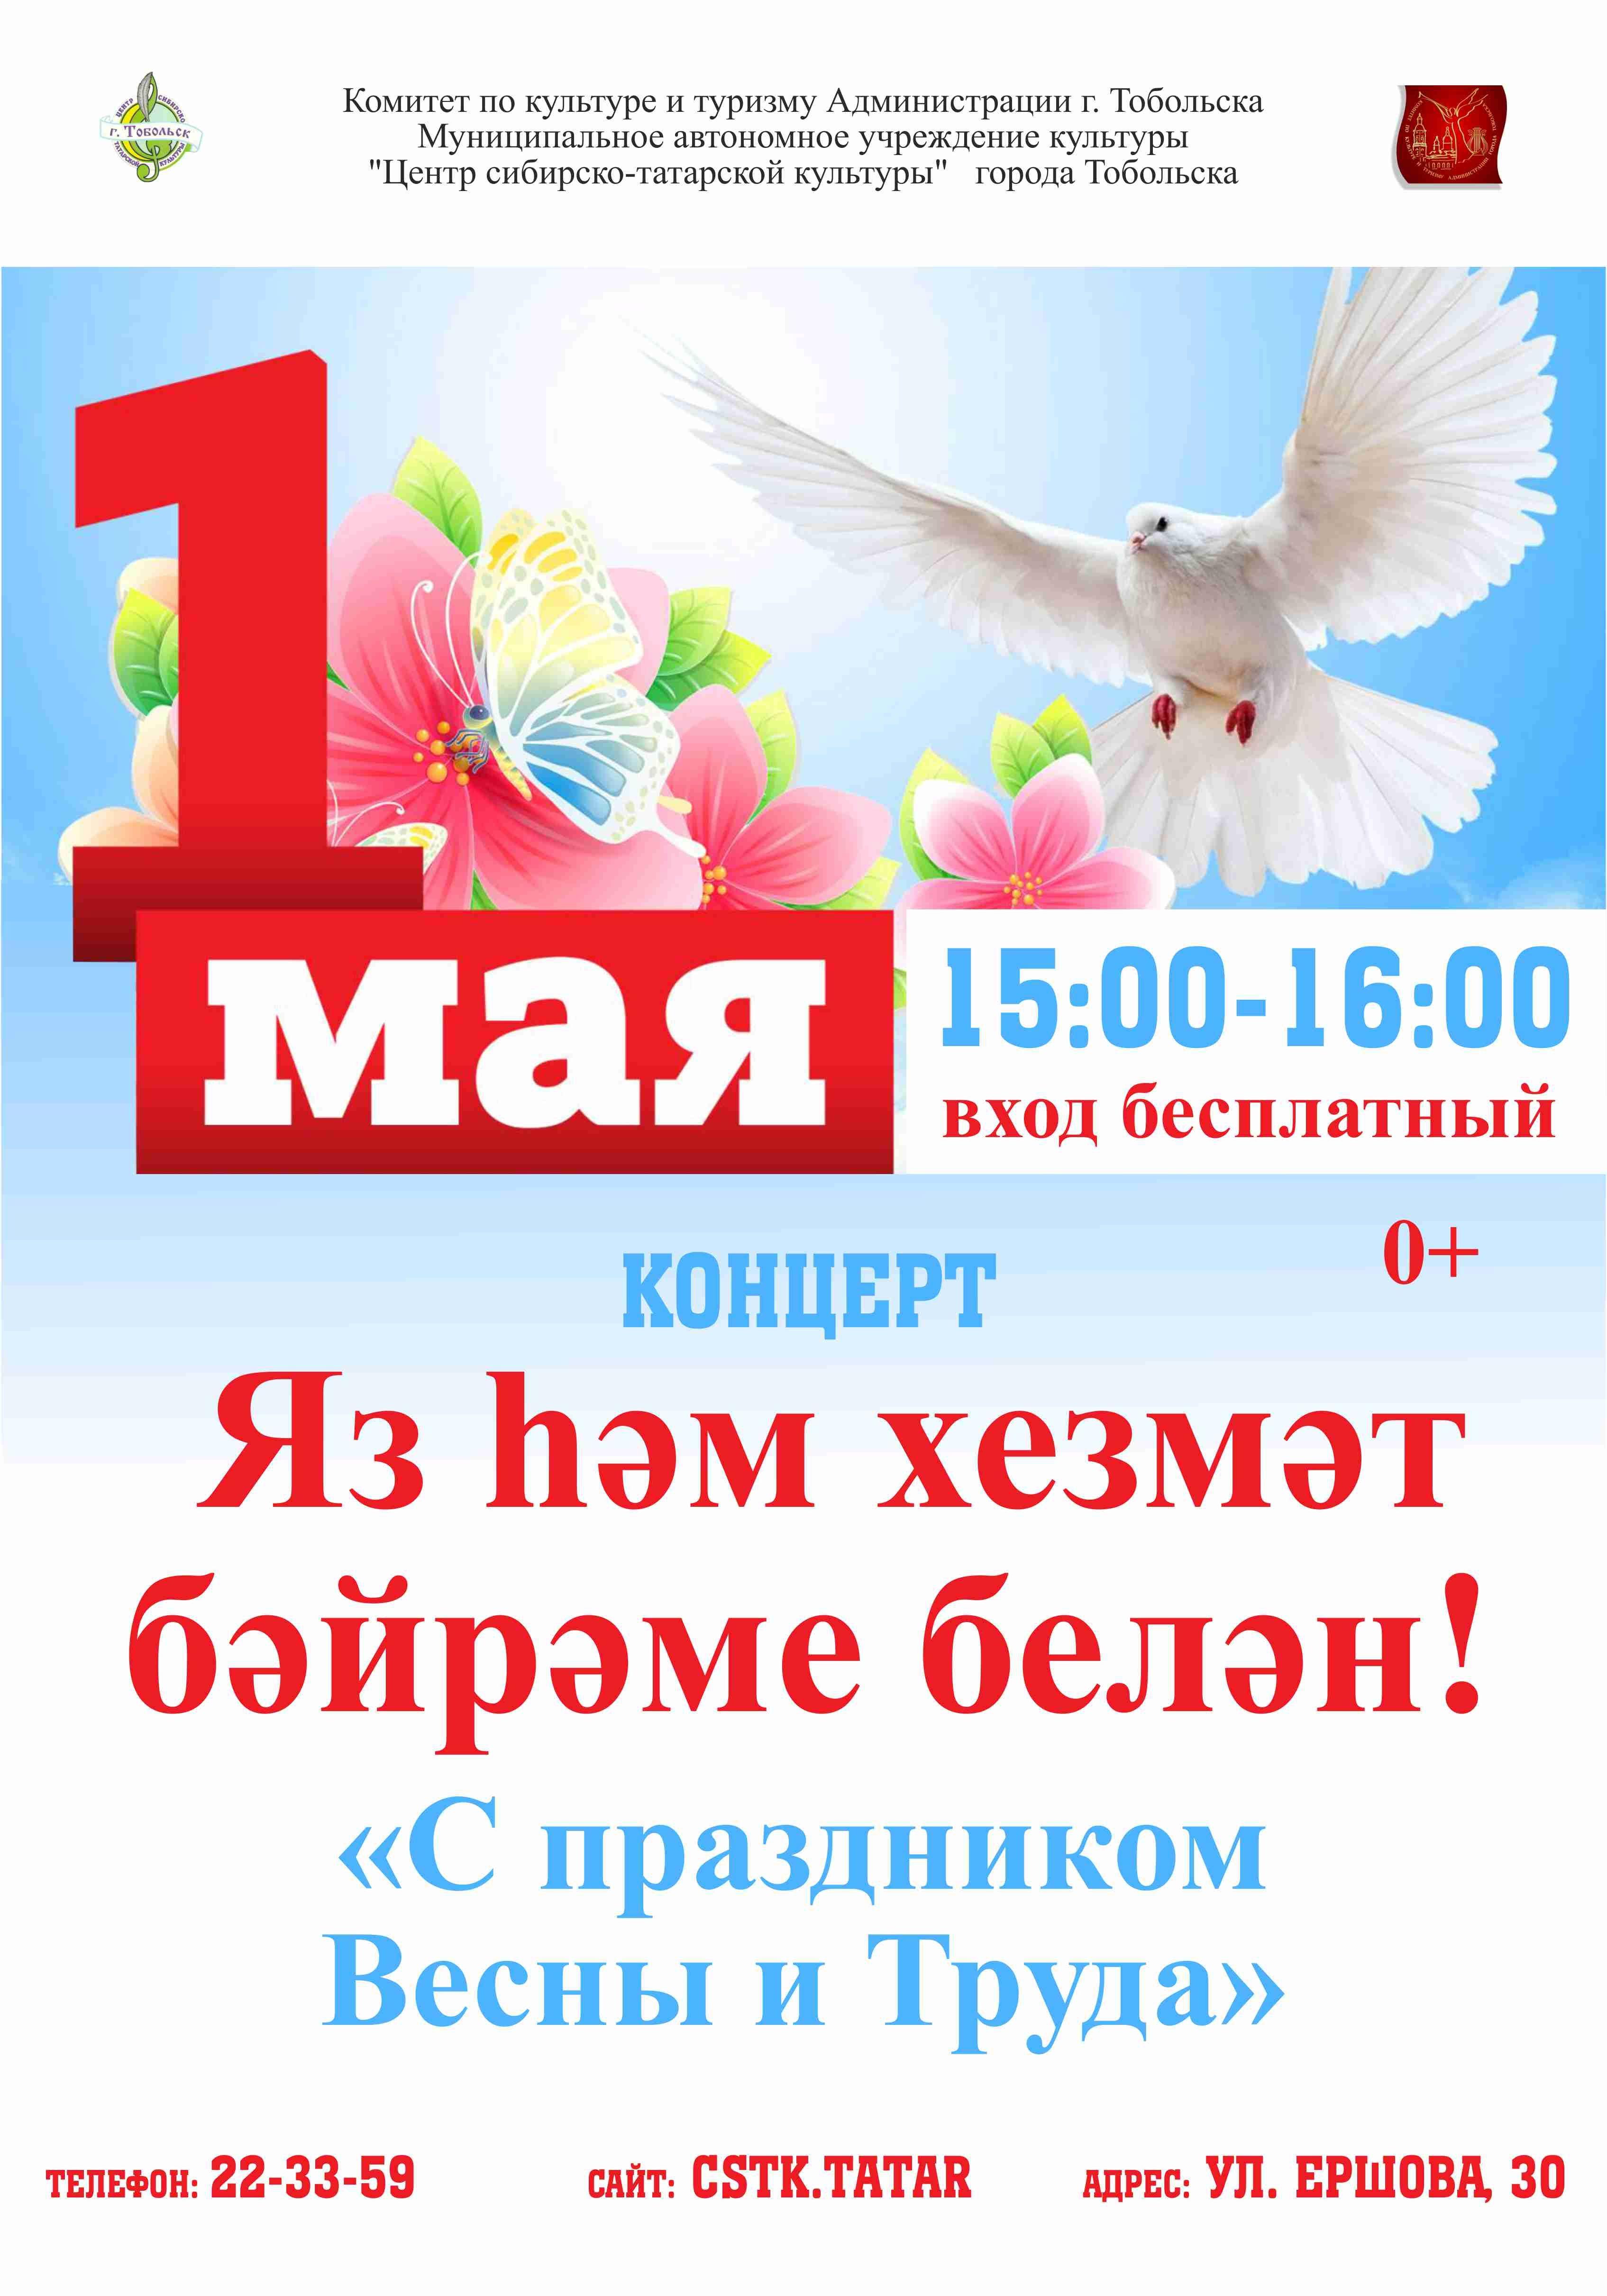 Концерт «С праздником весны и труда!»